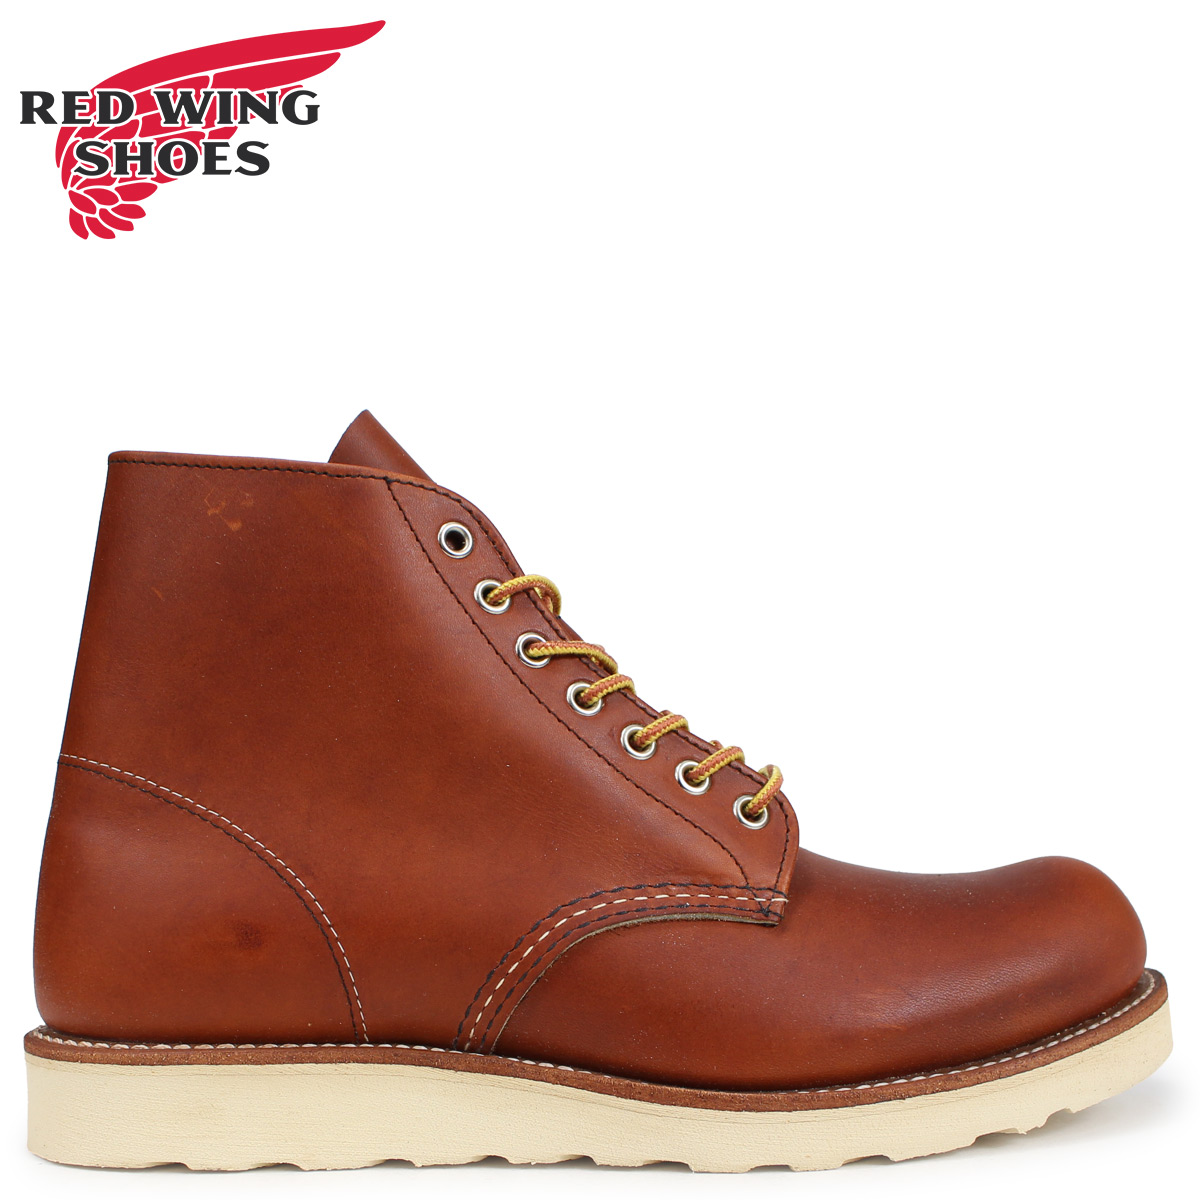 RED WING レッド 赤ウィング アイリッシュセッター 6インチ クラシック ブーツ CLASSIC ROUND ラウンドトゥ Dワイズ 8822 レッド 赤ウイング